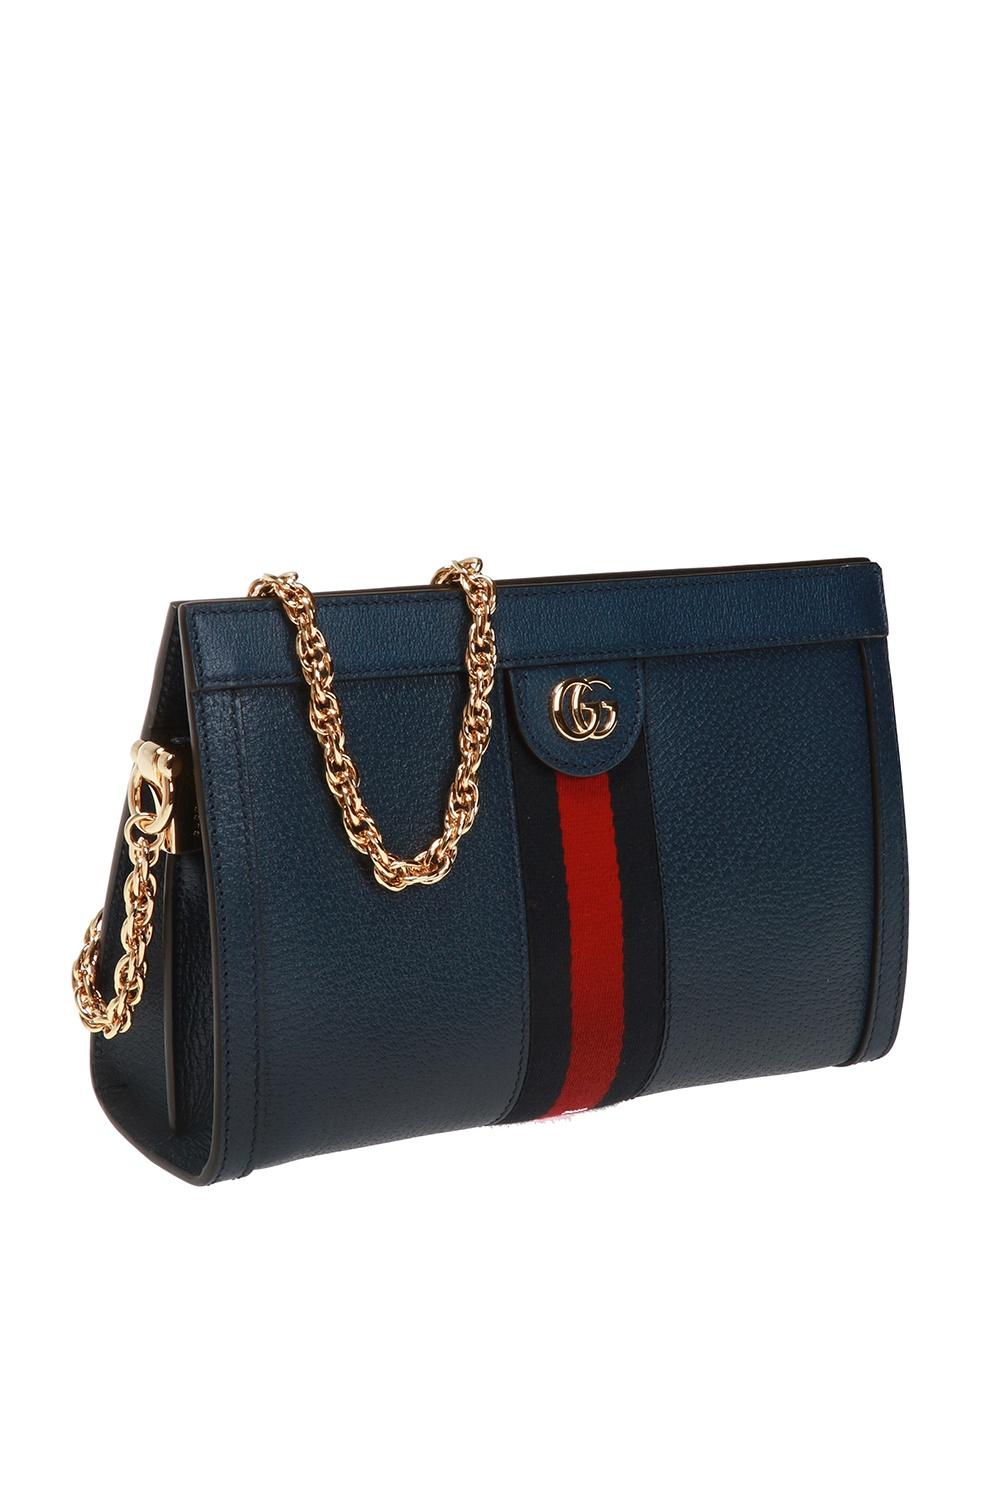 Gucci 'Ophidia' shoulder bag